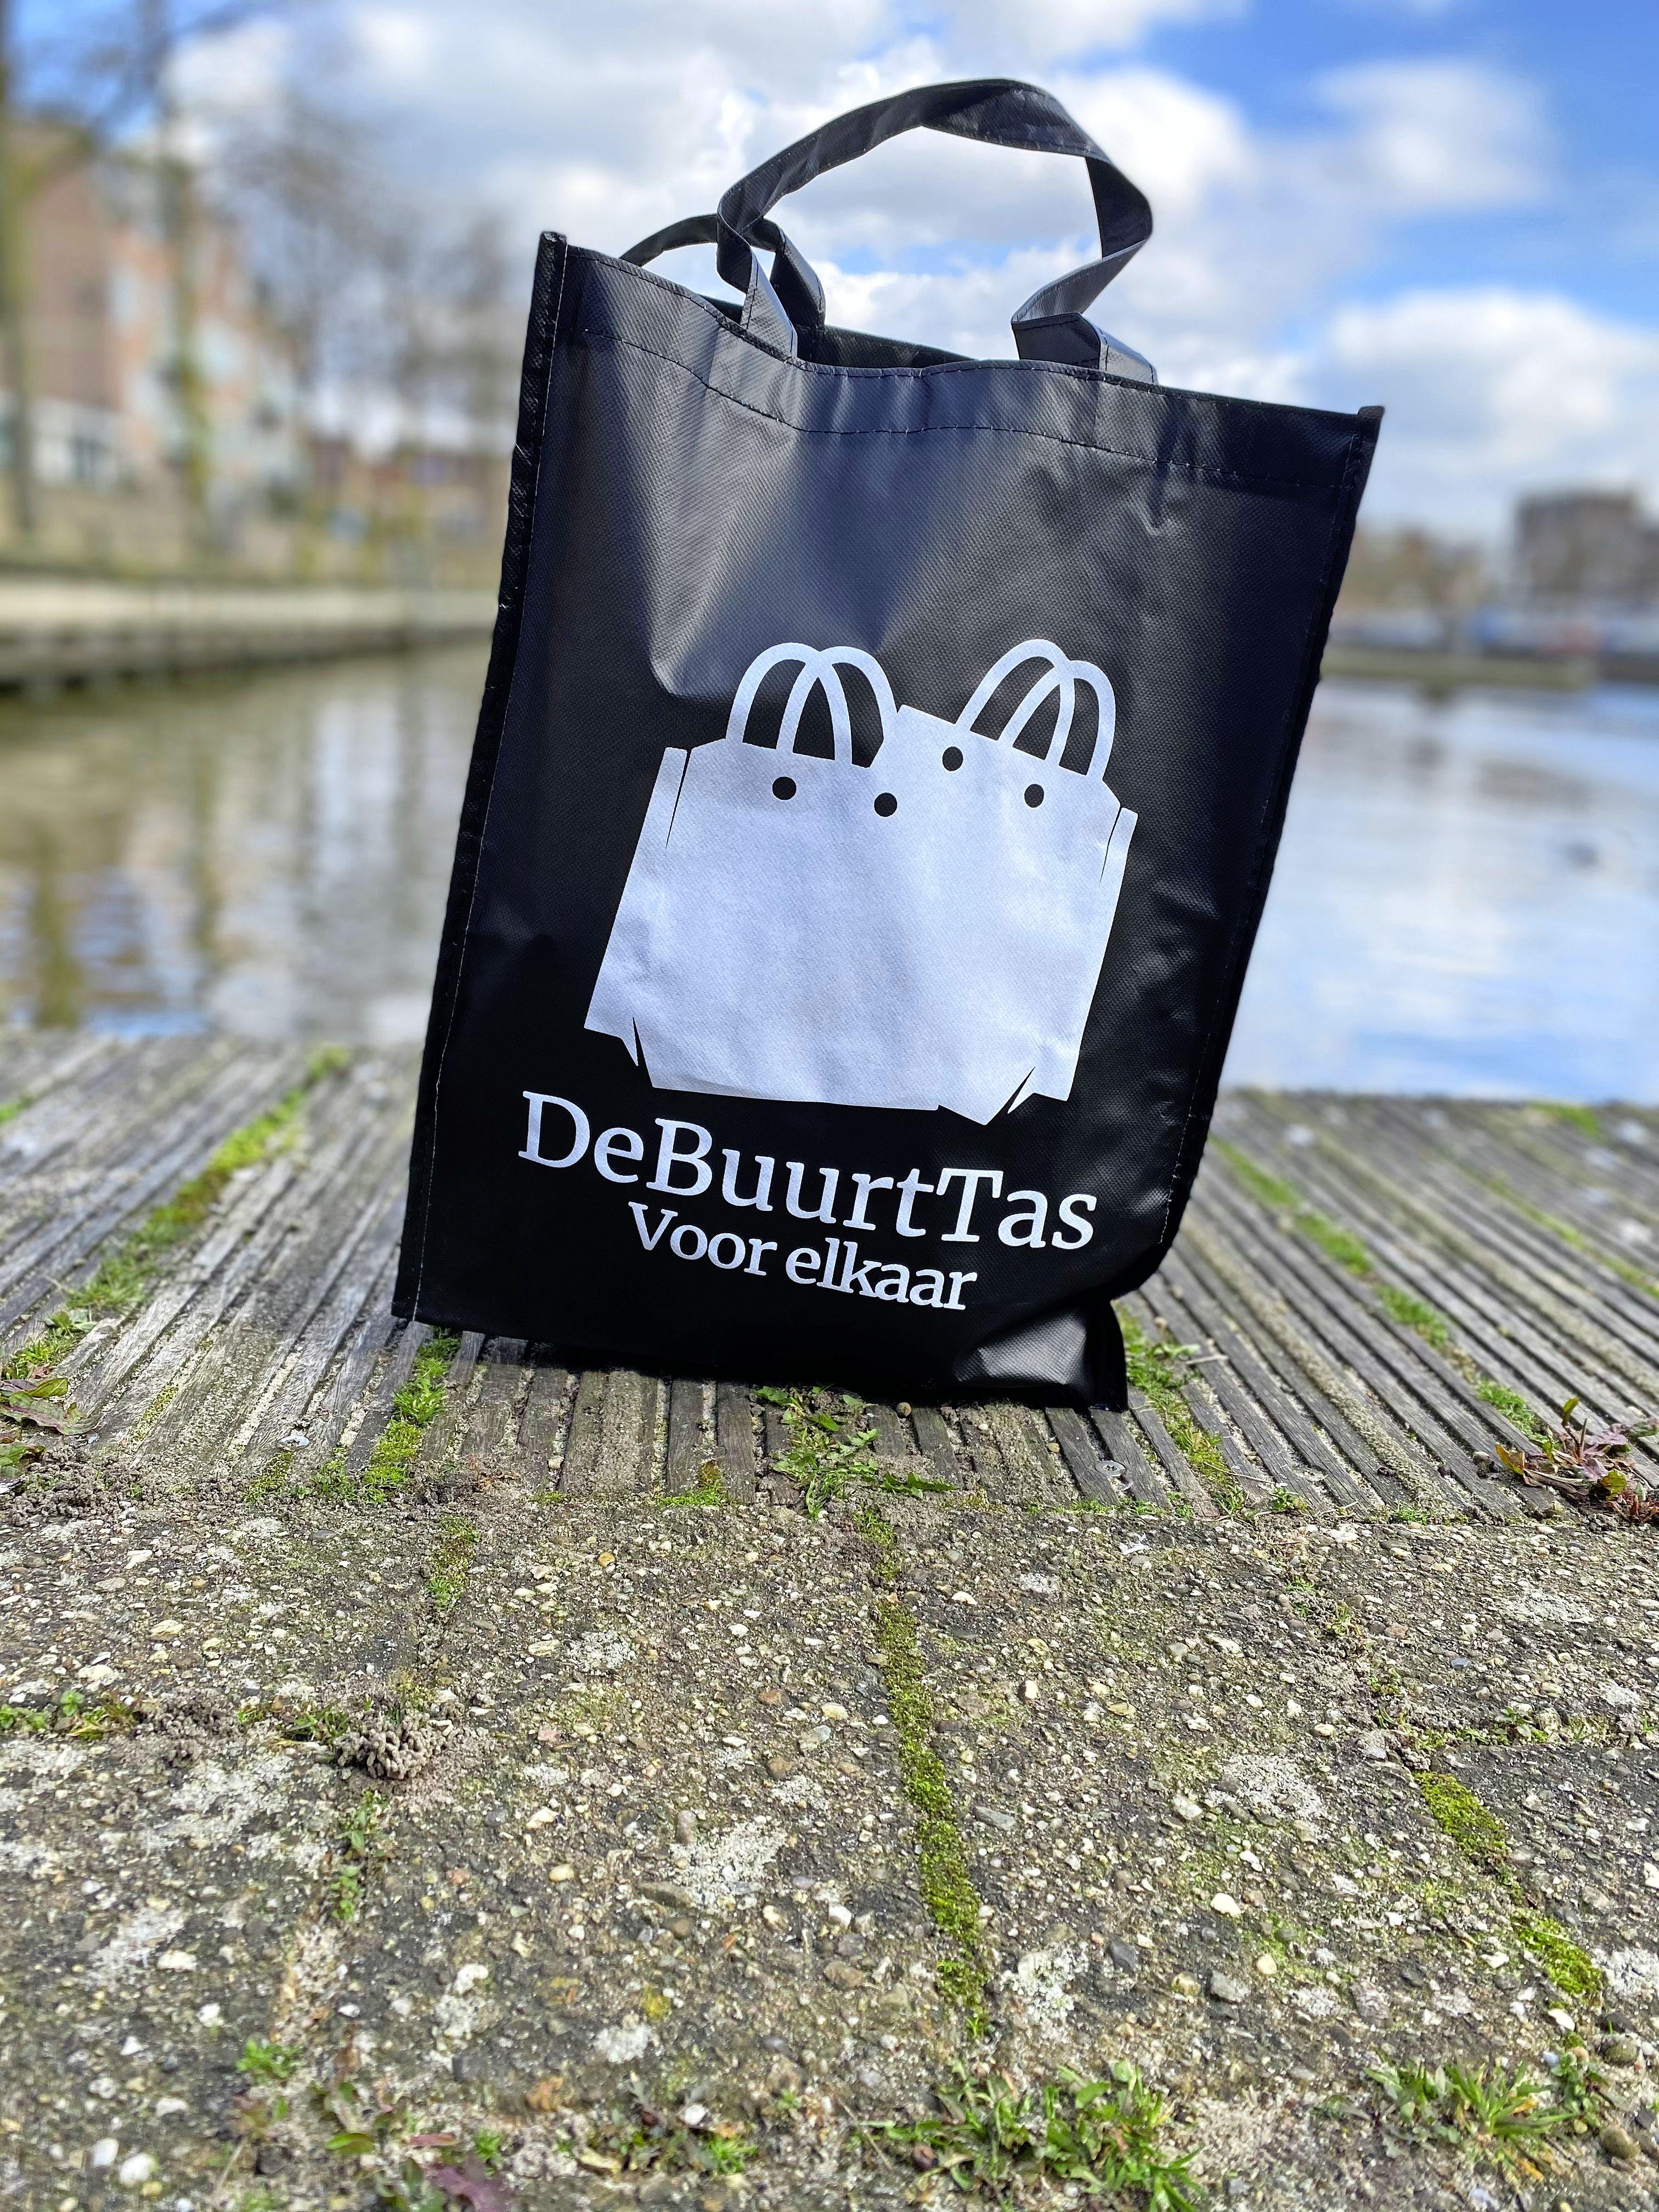 Met stoere DeBuurtTas een boodschap doen voor een ander; scholieren SG Huizermaat starten eigen bedrijfje; 'De gedachte erachter is belangrijker dan de winst'